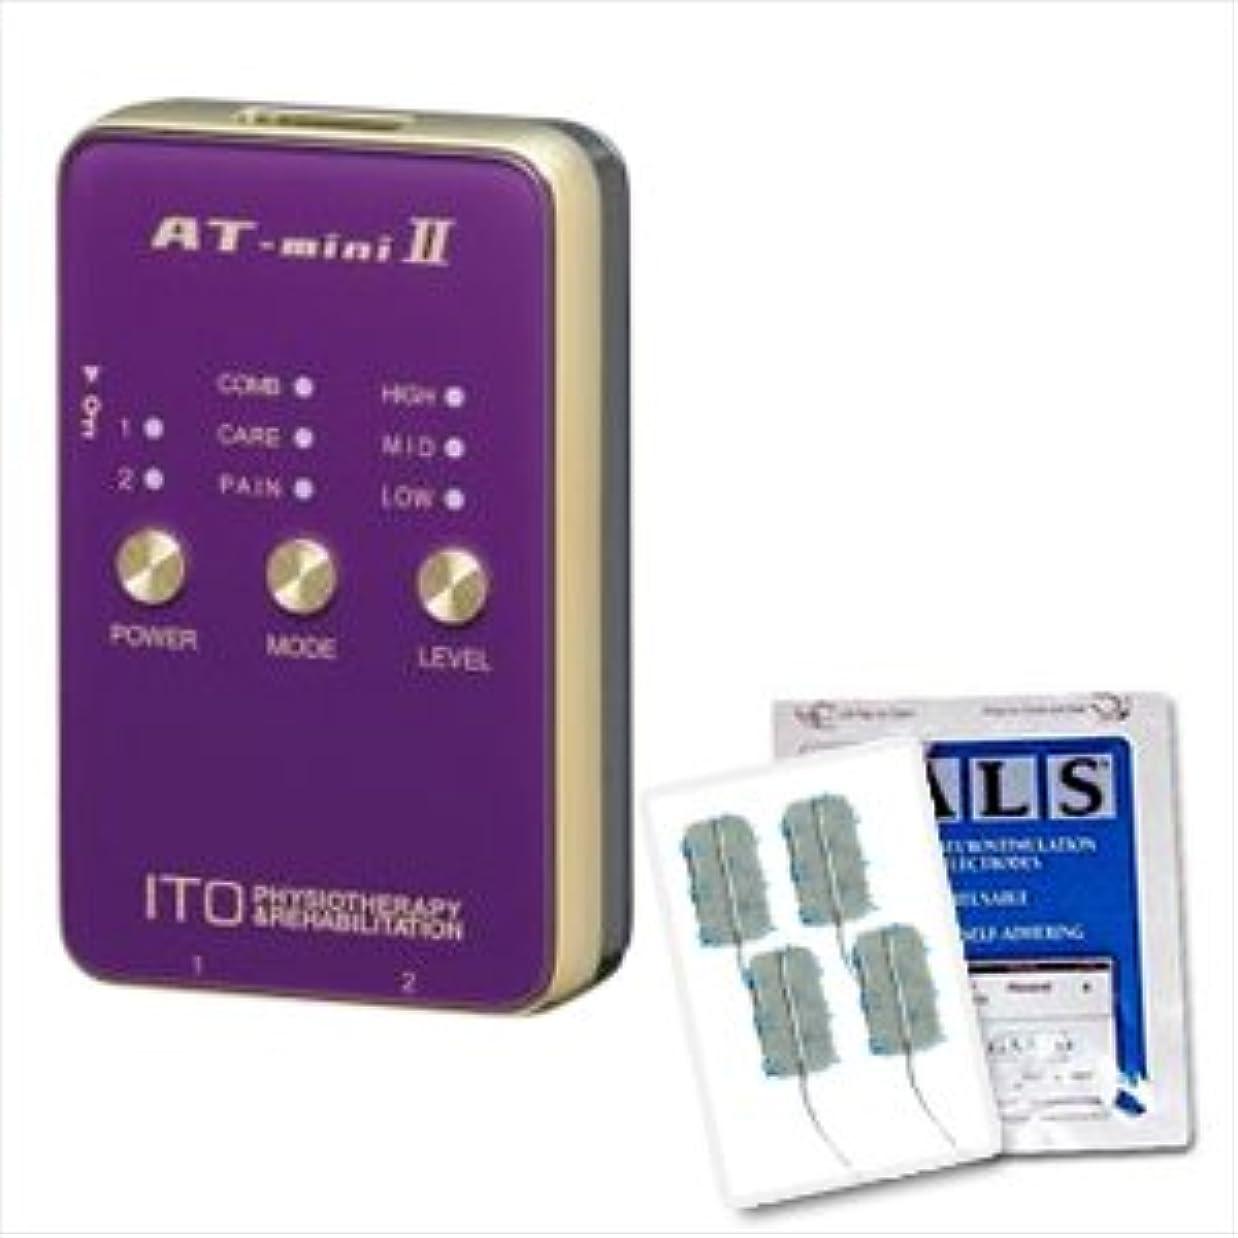 おしゃれな交じる敬礼低周波治療器 AT-mini II パープル +アクセルガードLサイズ(5x9cm:1袋4枚入)セット